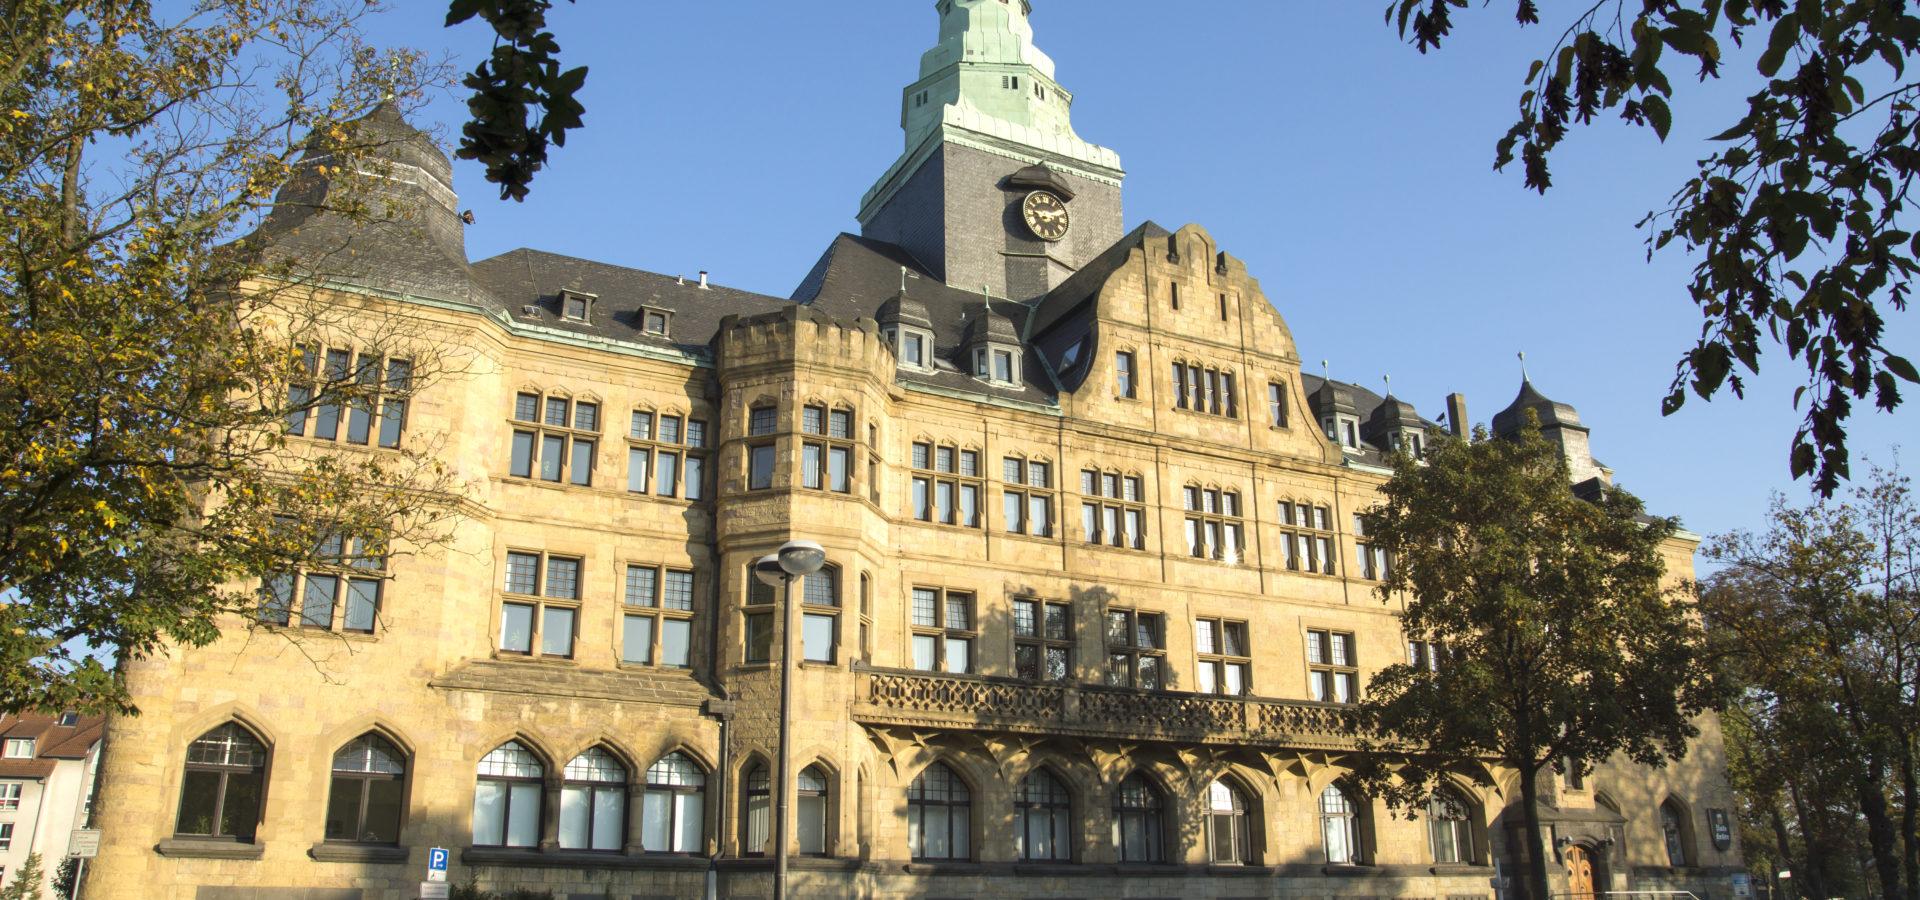 Rathaus der Stadt Recklinghausen, NRW, Deutschland